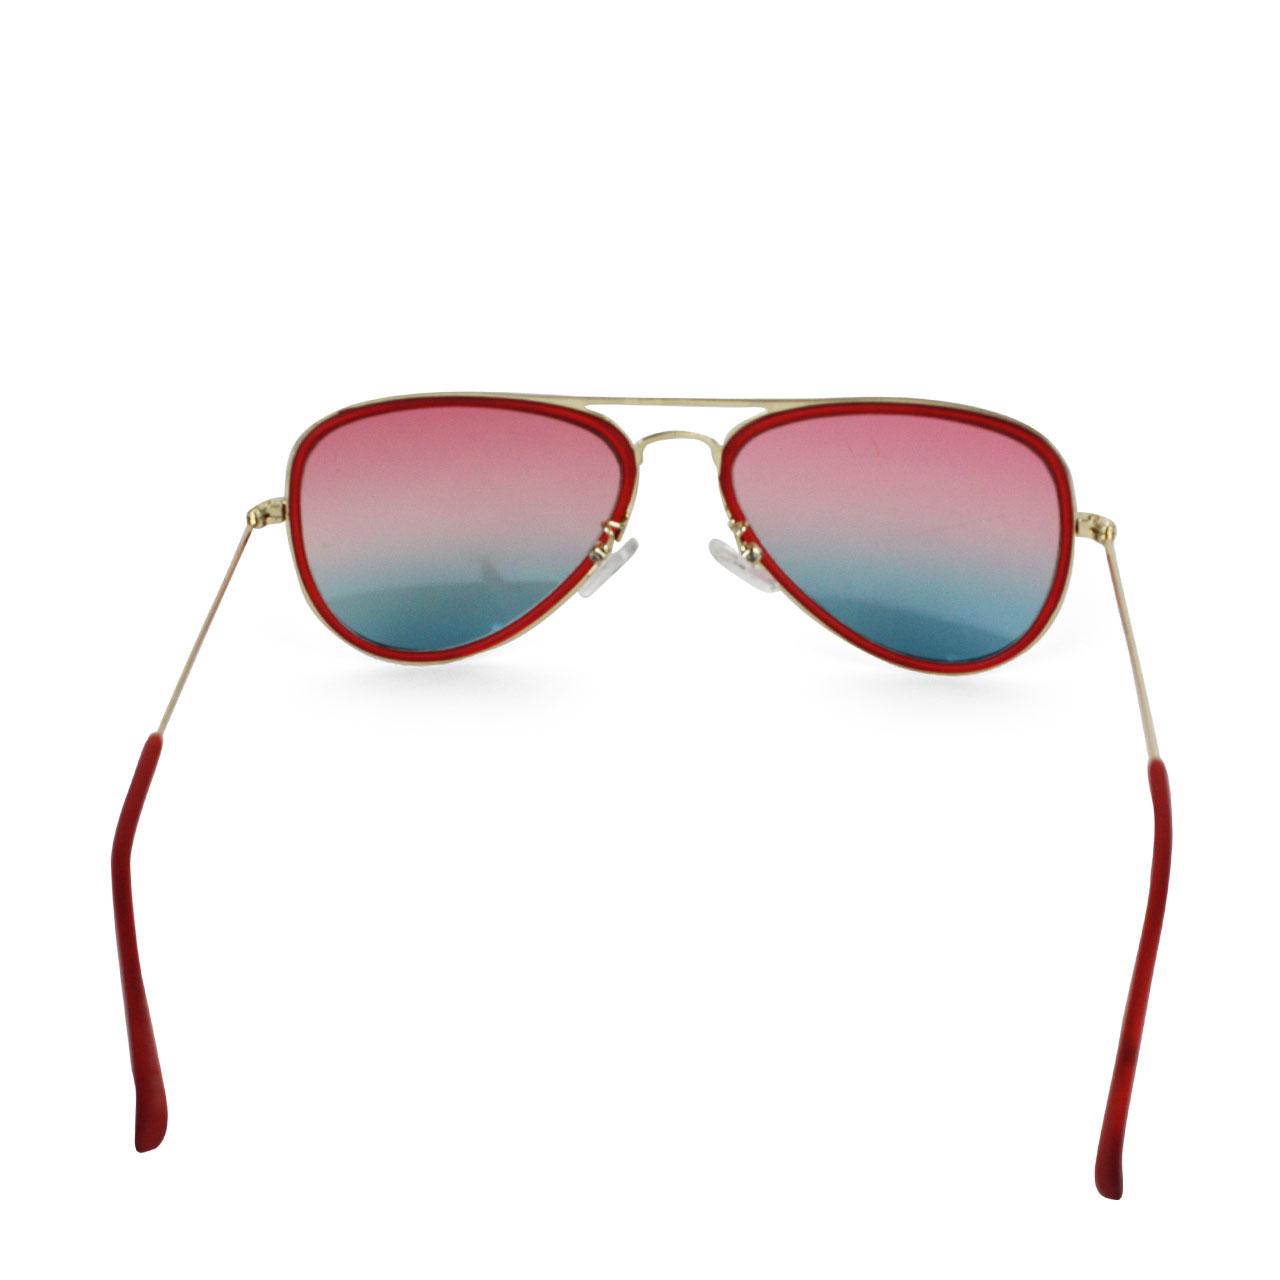 Red Framed Full-Rimmed Aviator Crimson Polarized Unisex Sunglasses